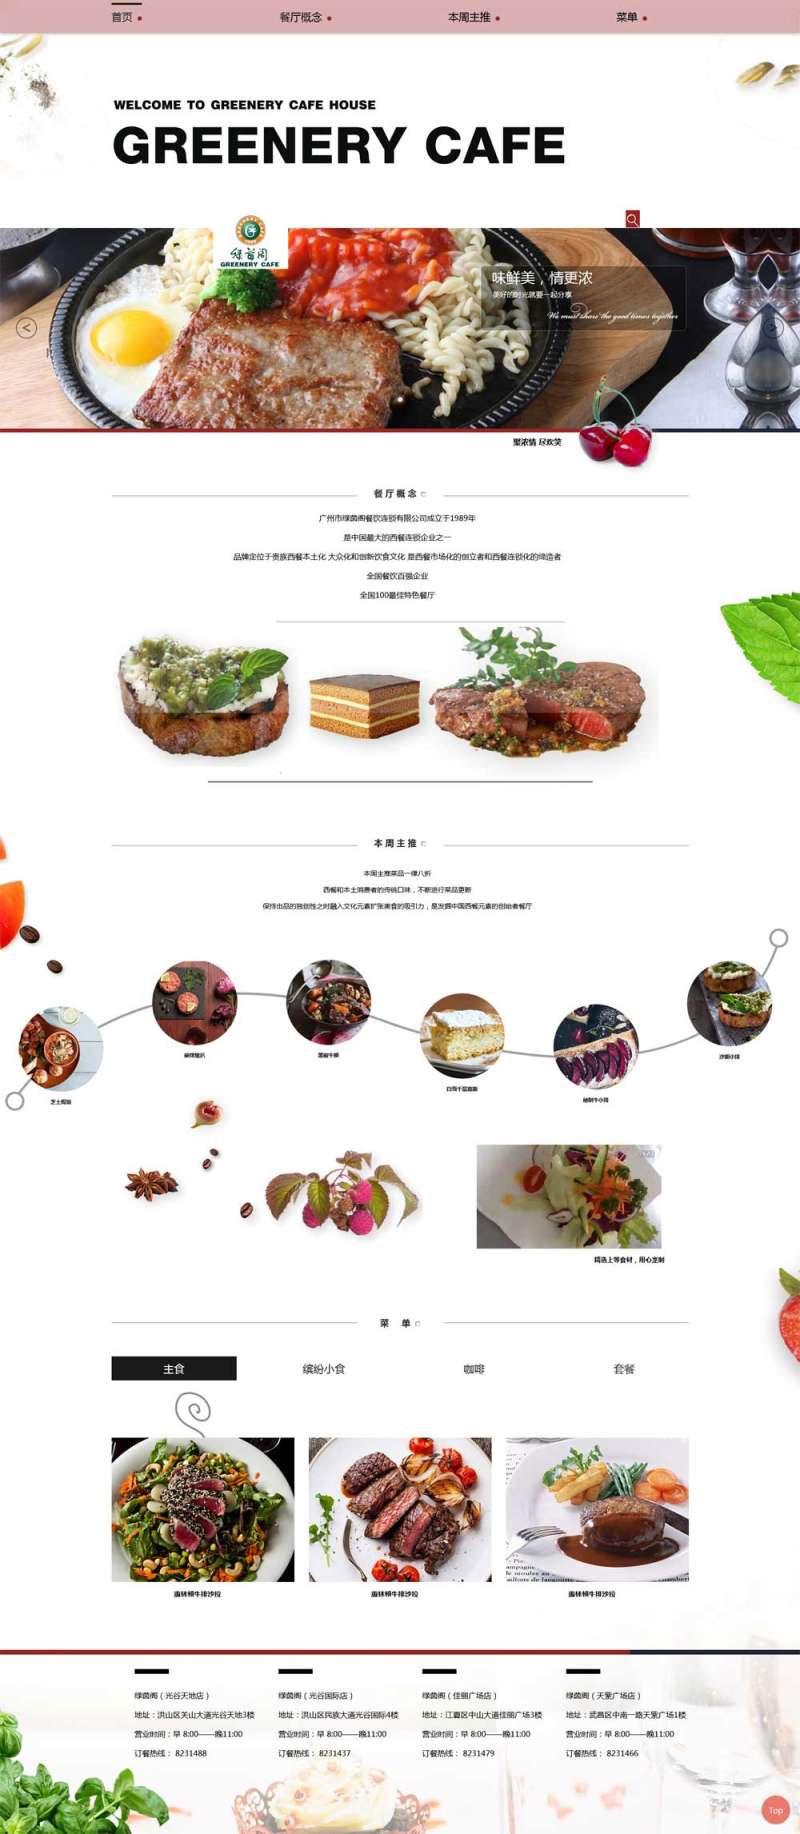 大气单页滚动餐厅美食蛋糕甜品推荐网页模板